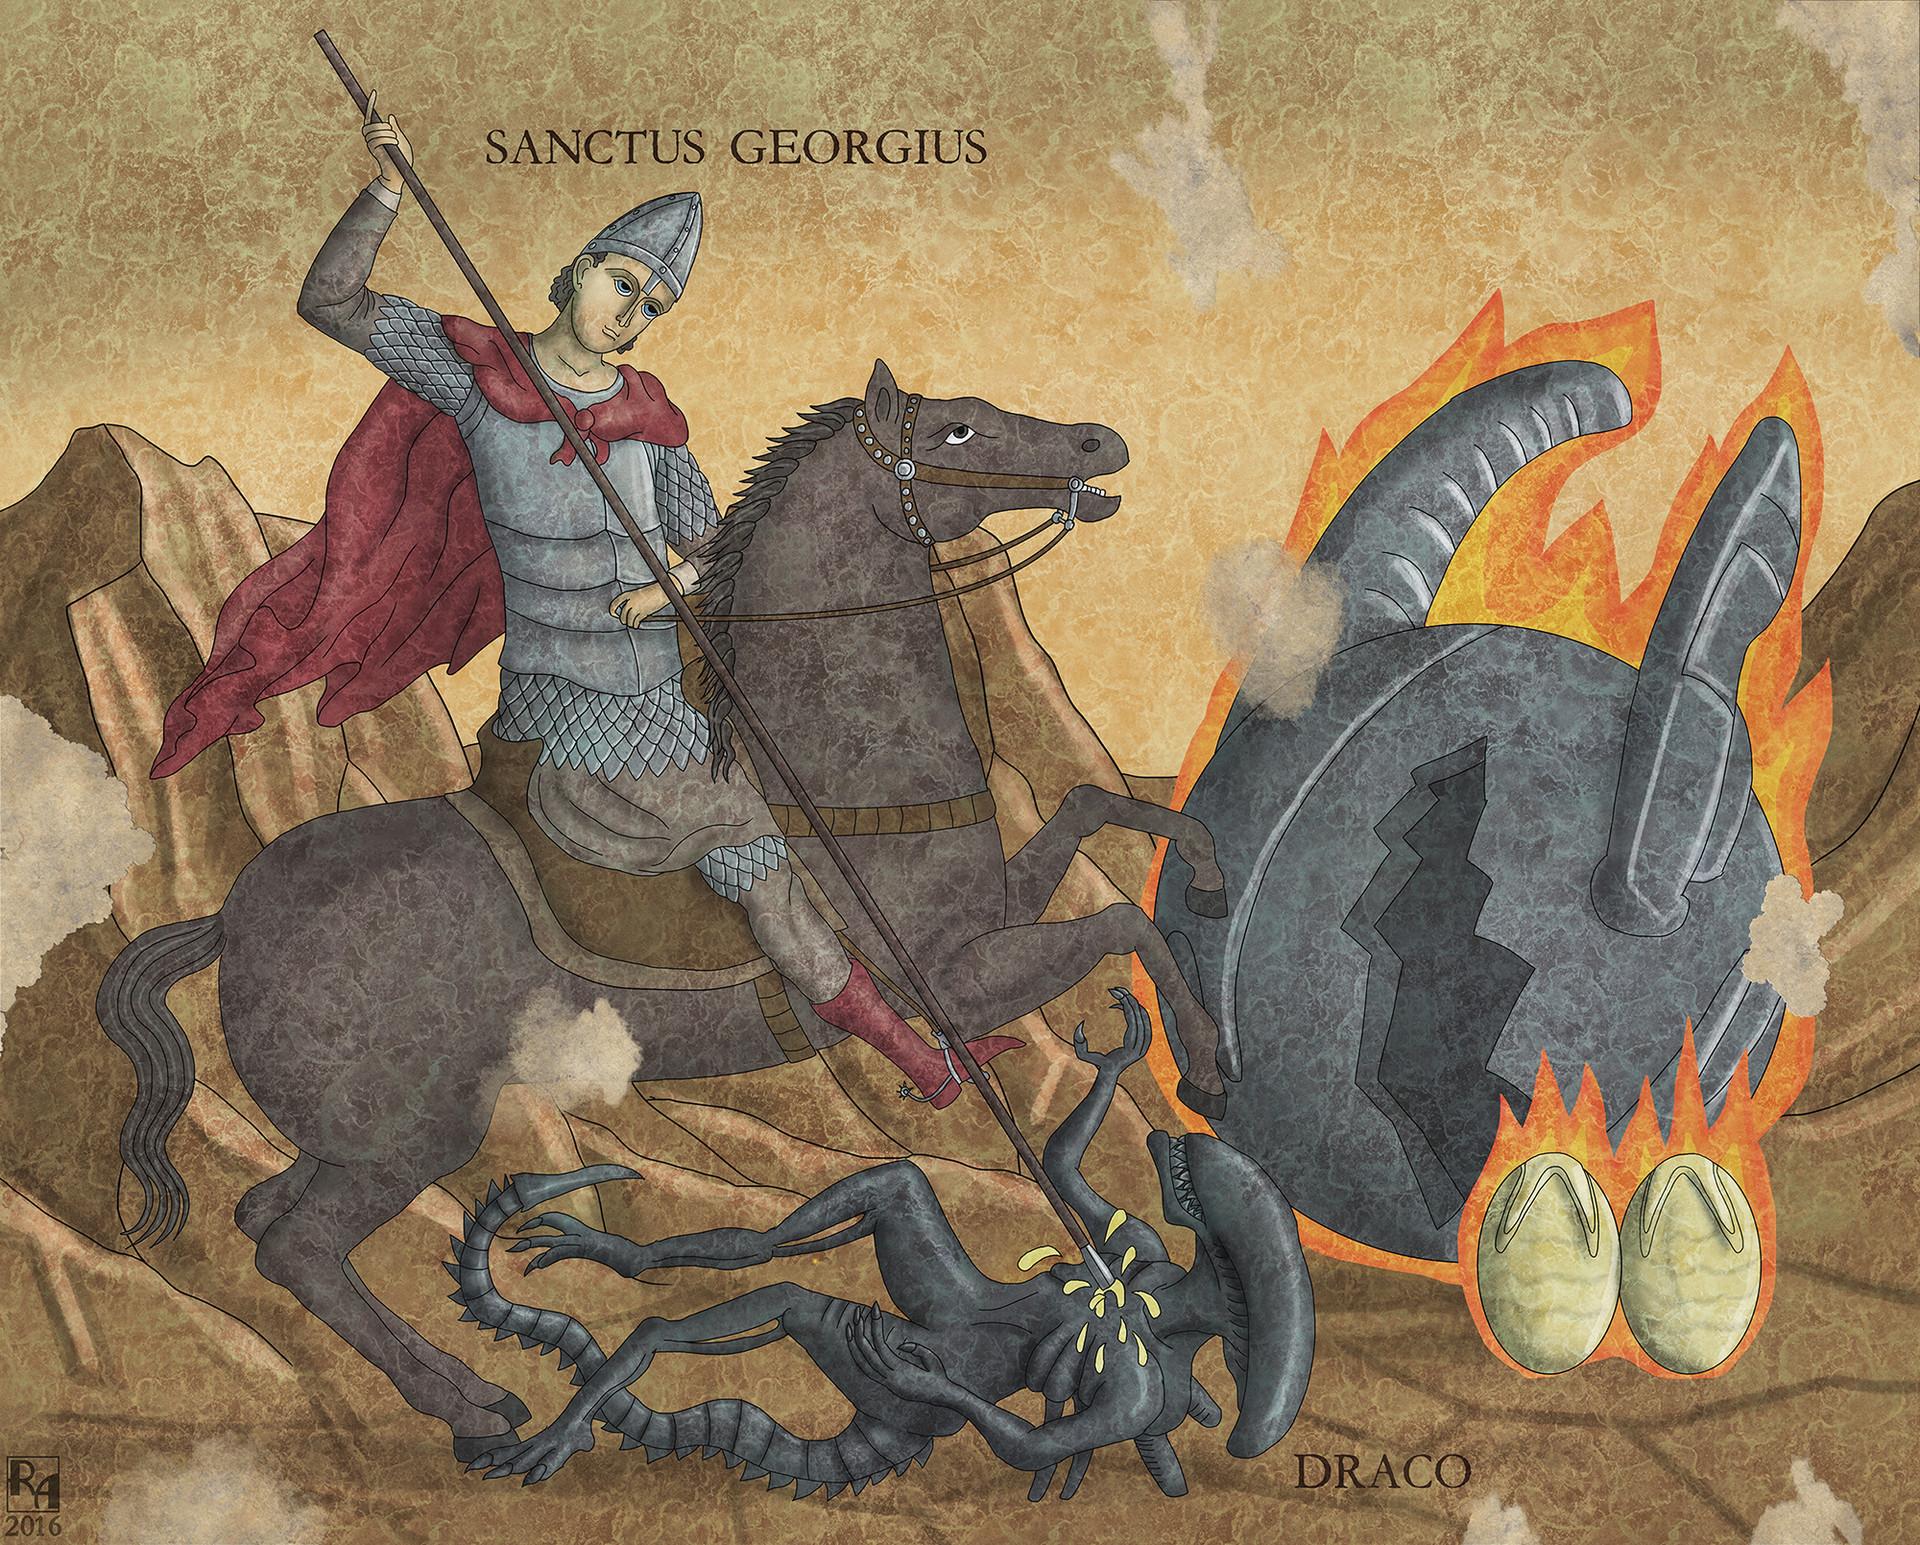 Robert altbauer sanctus georgius